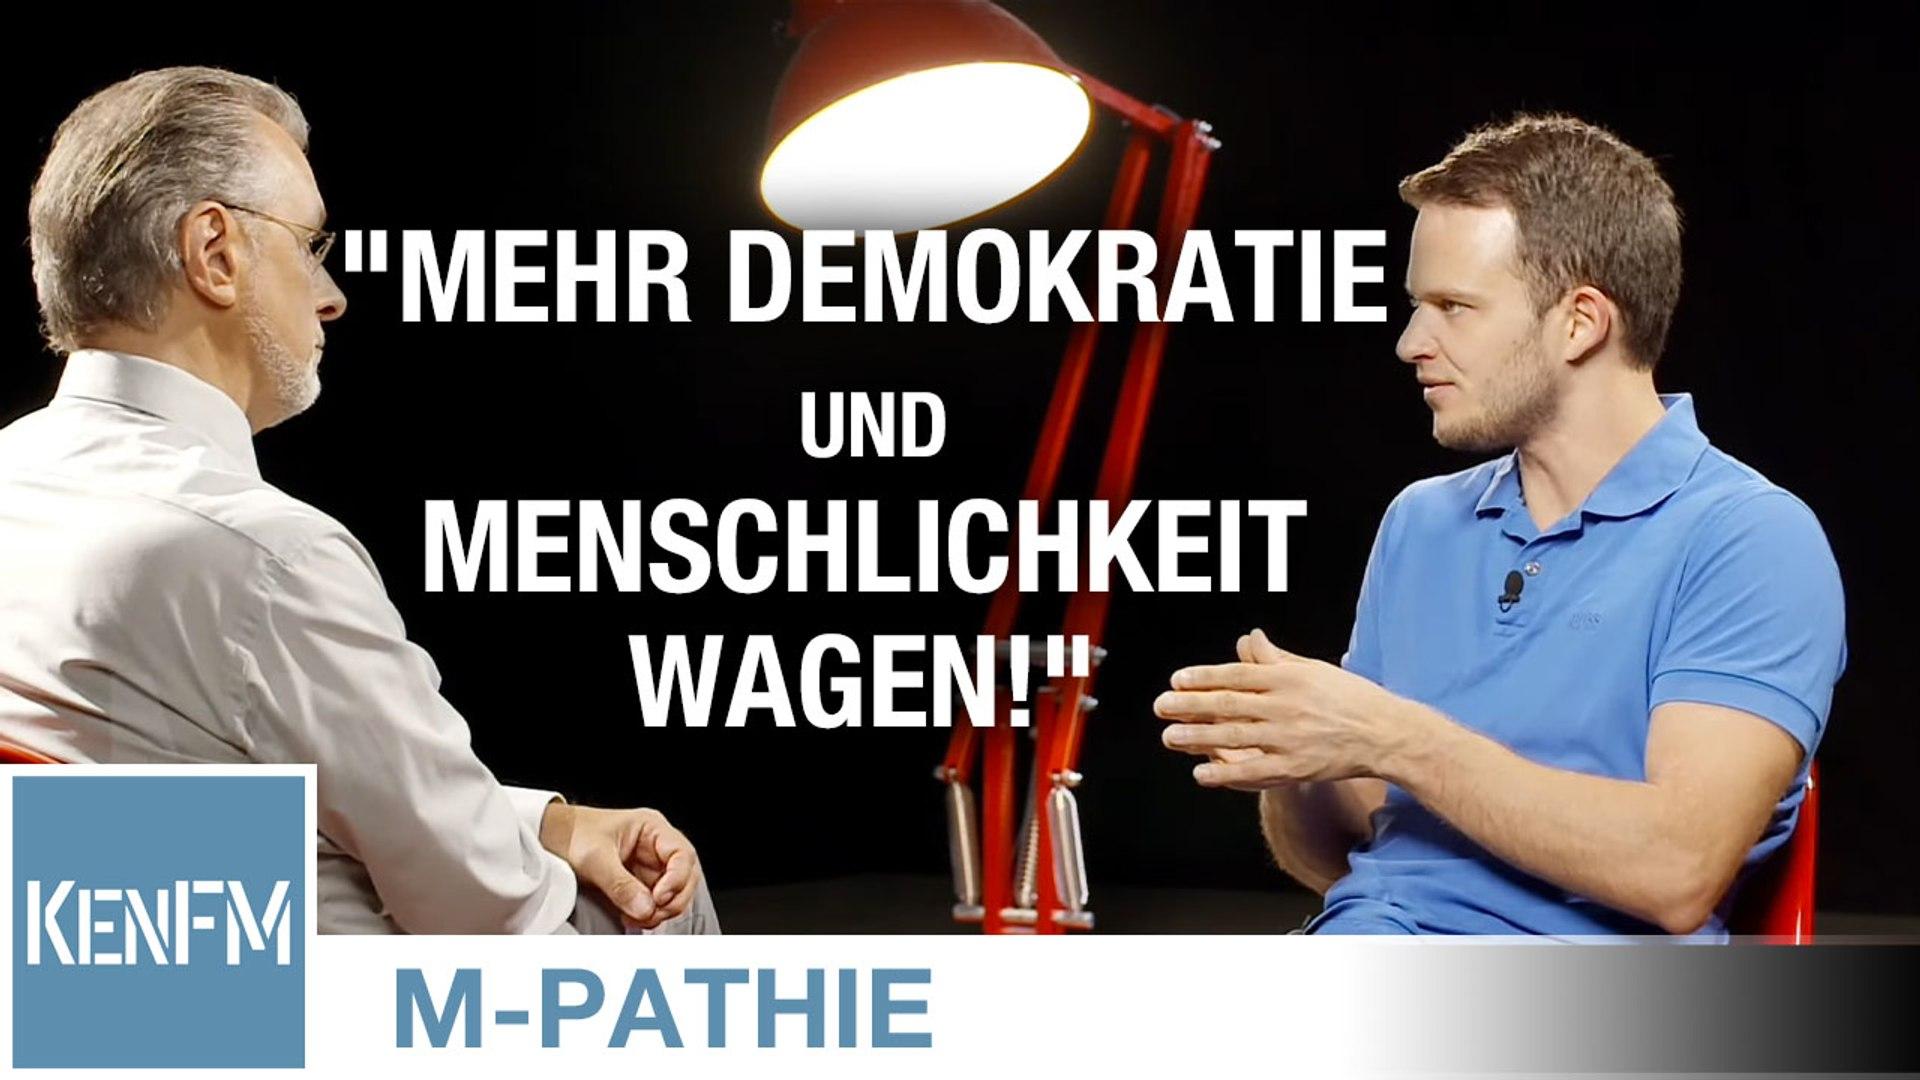 """M-PATHIE – Zu Gast heute: Markus Haintz und Friederike Pfeiffer-de Bruin – """"Mehr Demokratie und Mens"""